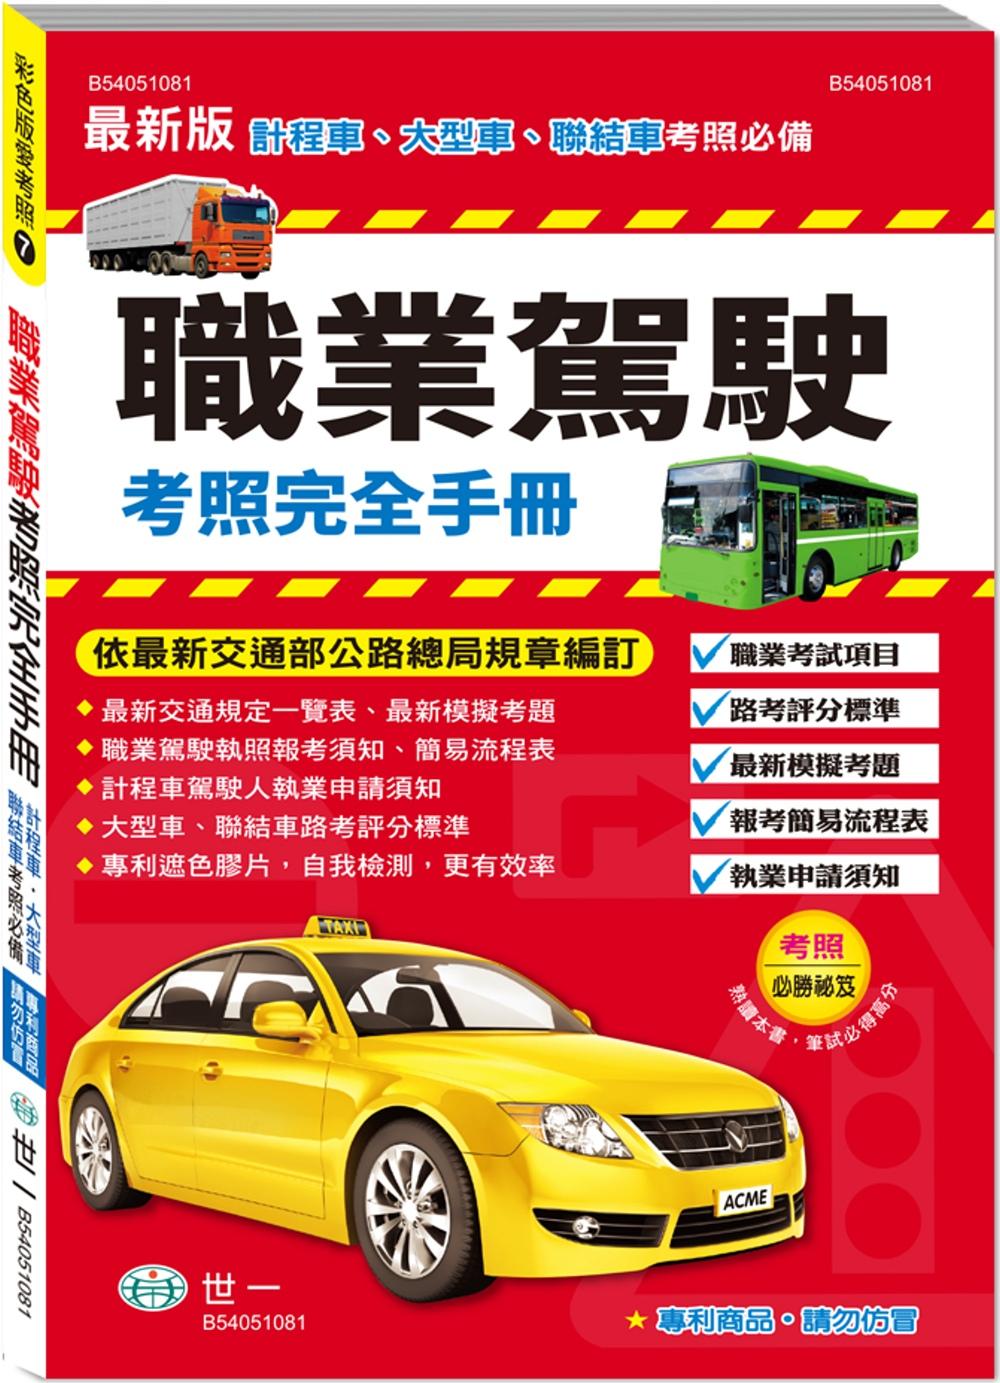 職業駕駛考照完全手冊 最新版:計程車、大型車、聯結車考照必備